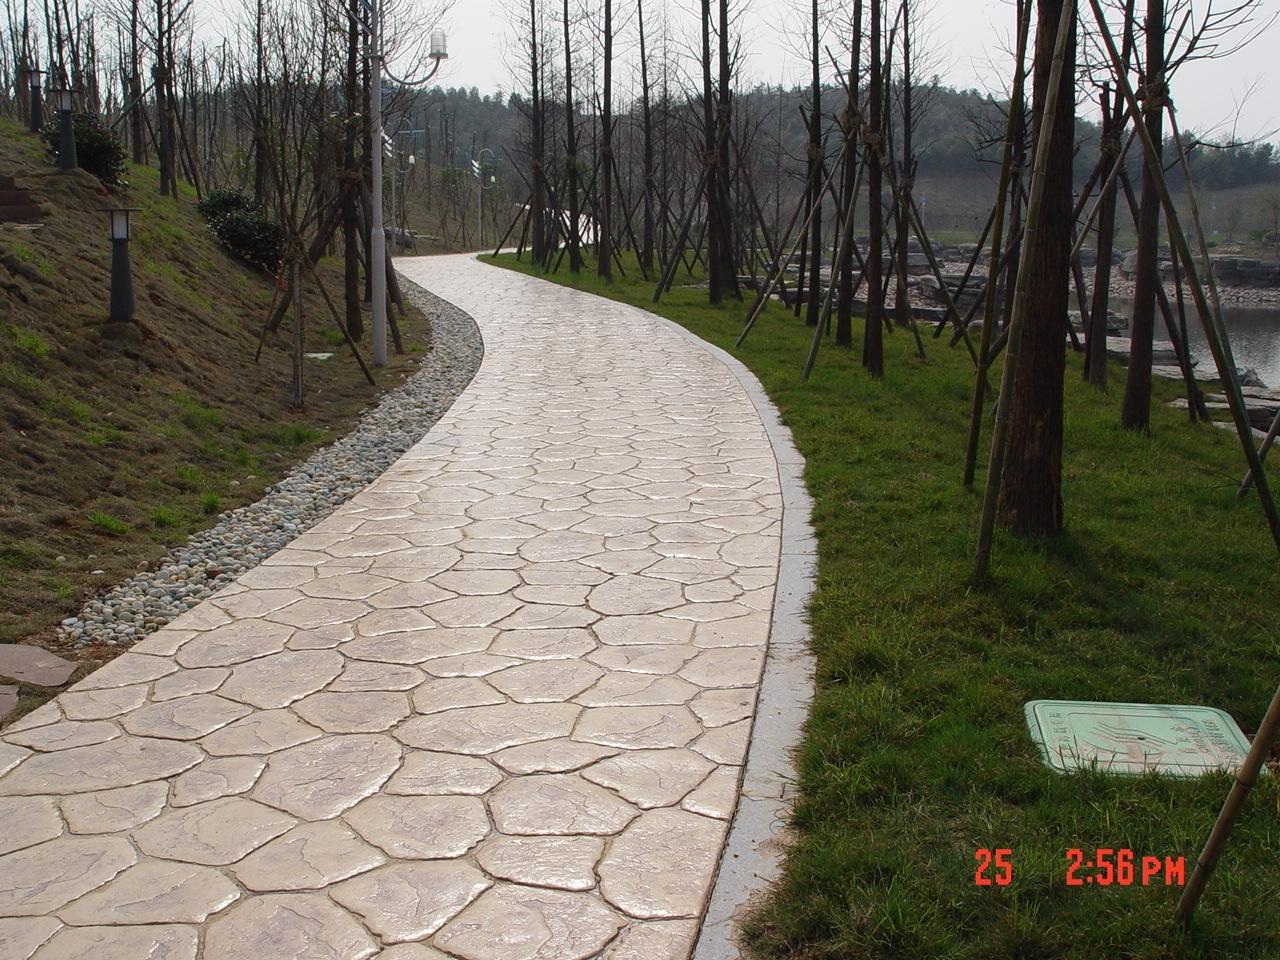 泰州耐磨压花地坪材料|兴化仿彩砖压模地坪|靖江鹅卵石压印地坪